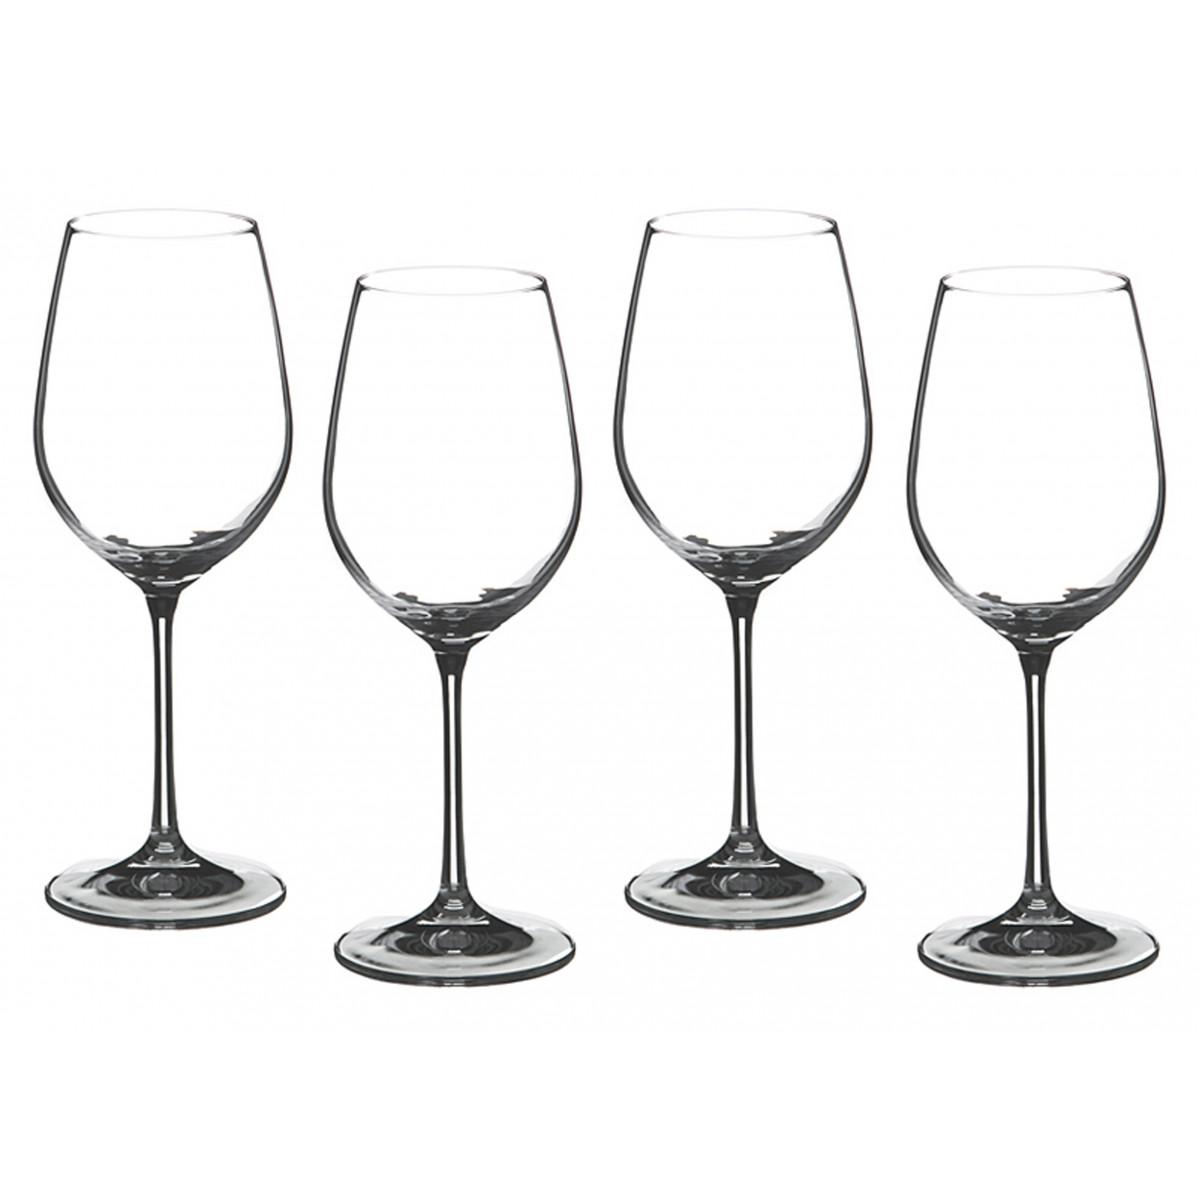 {} Bohemia Crystal Набор бокалов для вина Claud  (23 см - 4 шт) набор бокалов для бренди коралл 40600 q8105 400 анжела